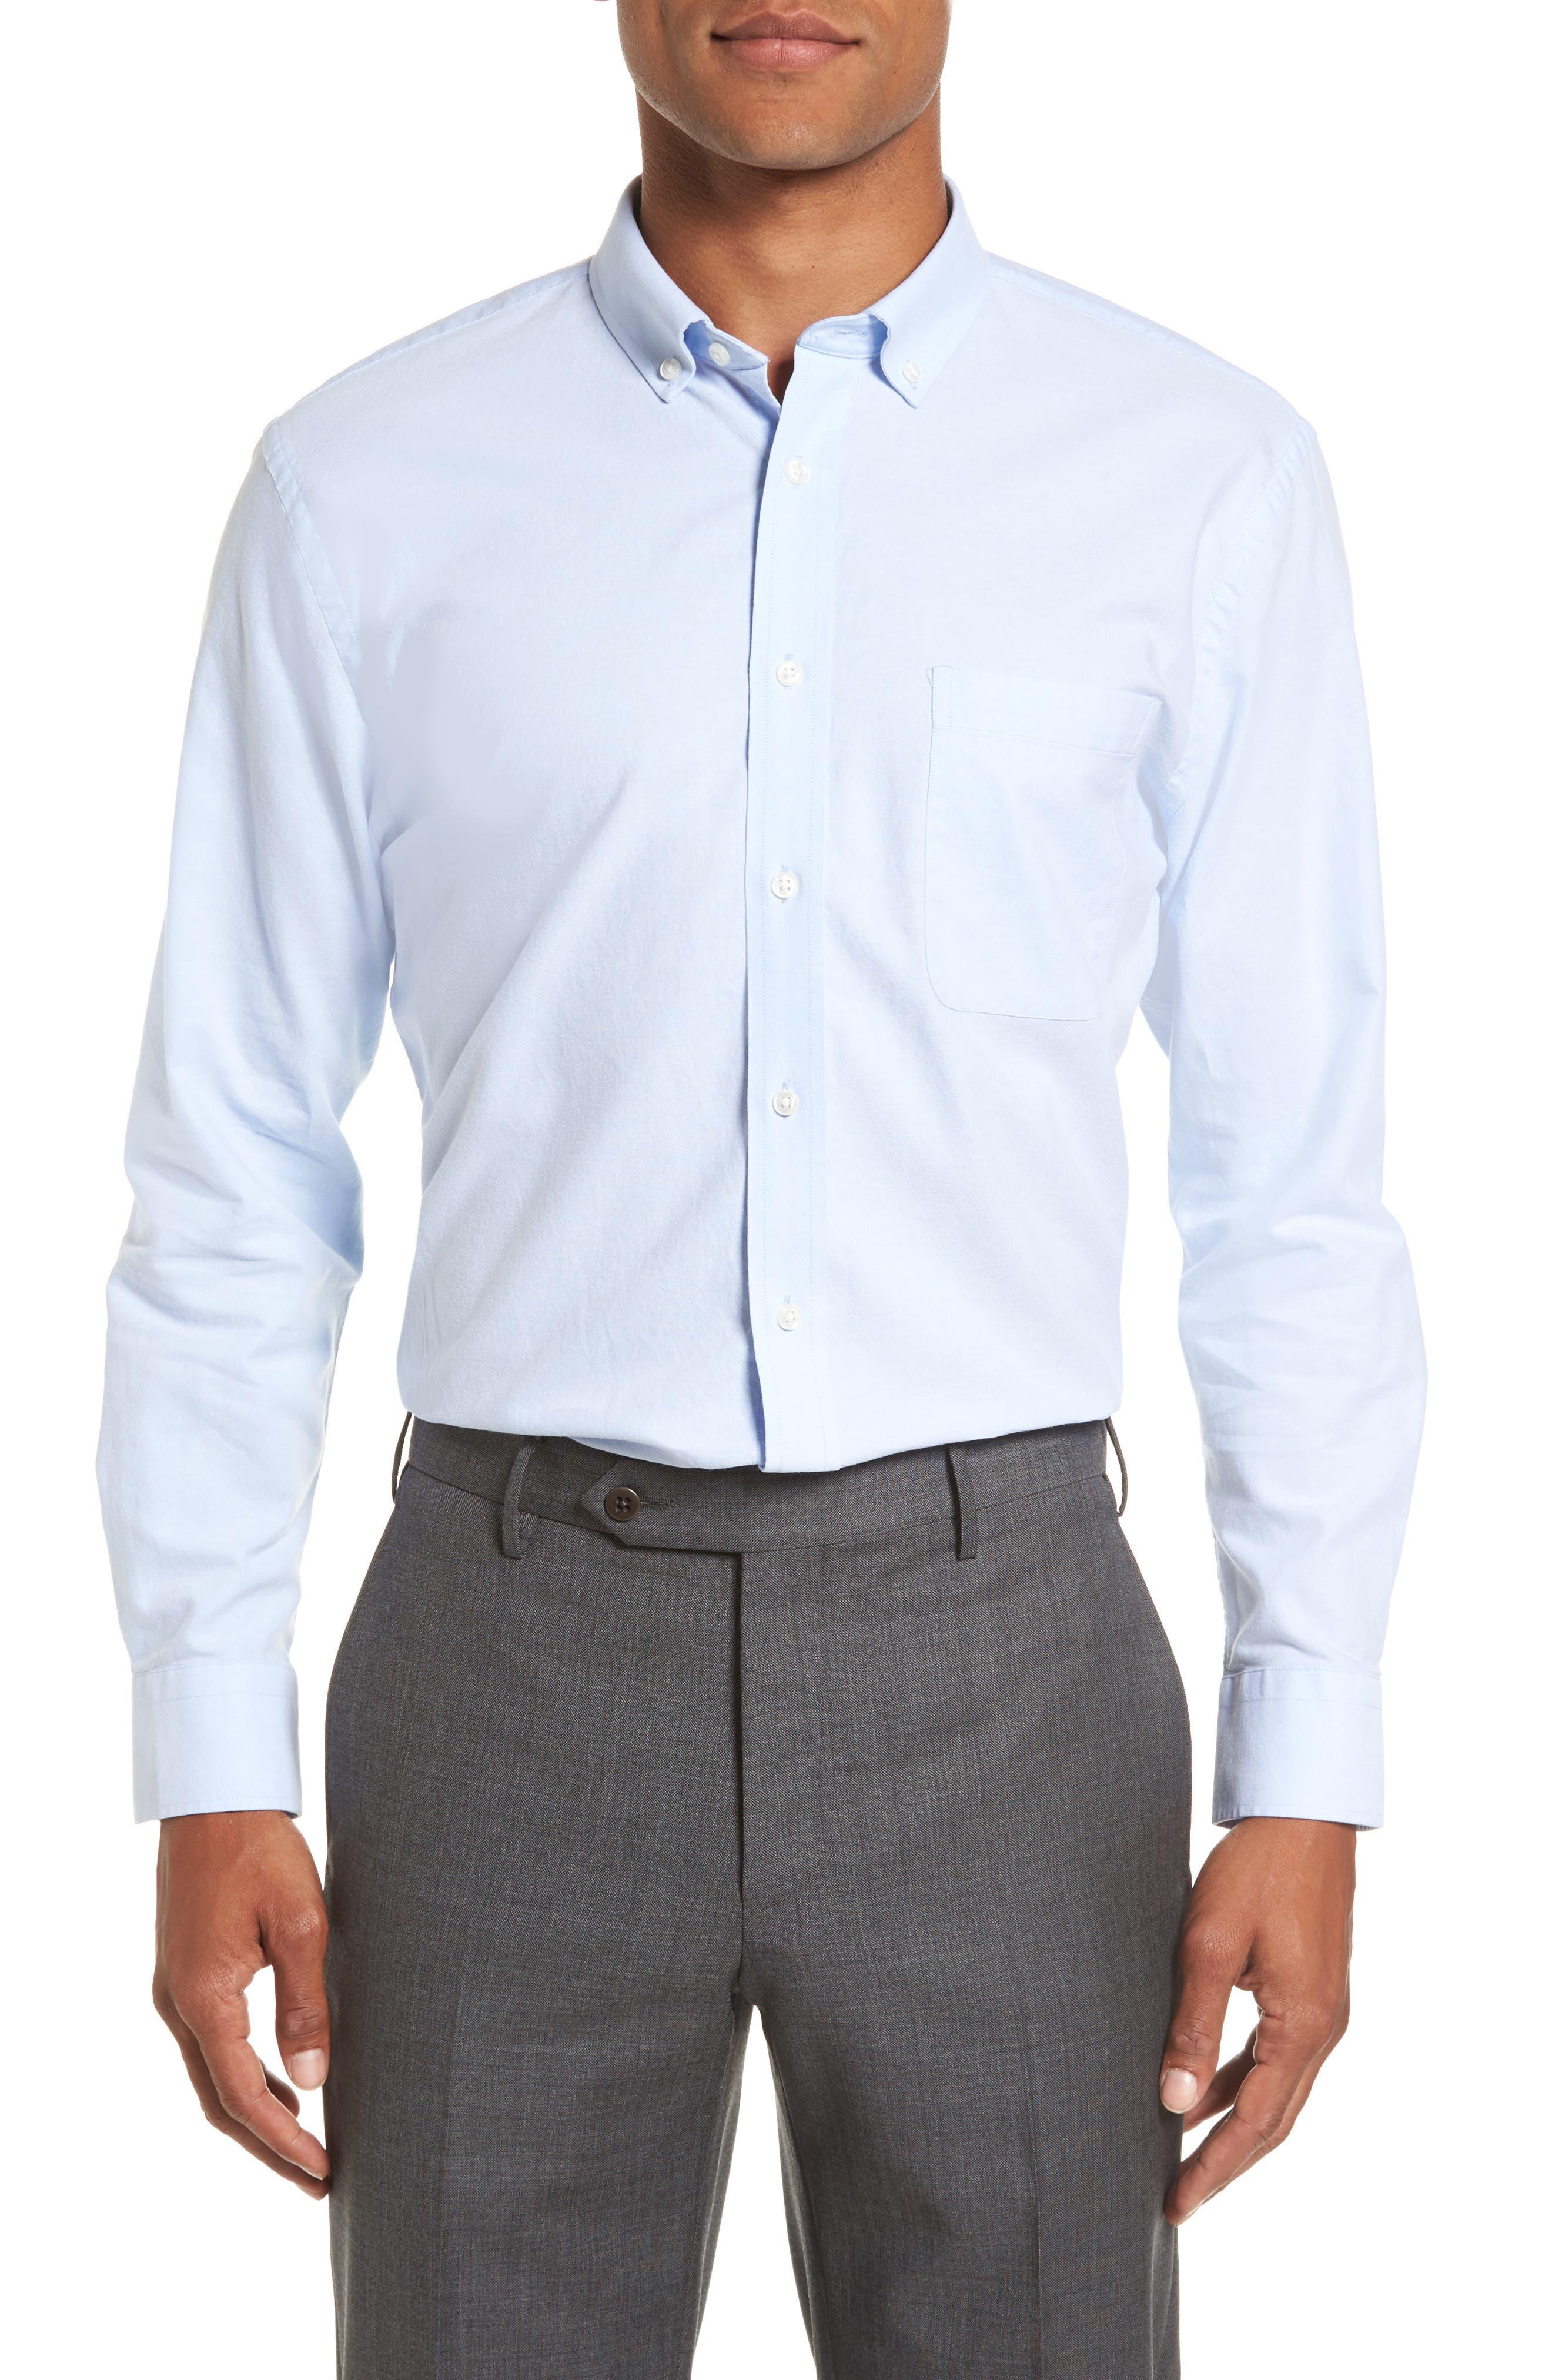 Trim Fit Solid Oxford Dress Shirt,                             Alternate thumbnail 2, color,                             Blue Grapemist